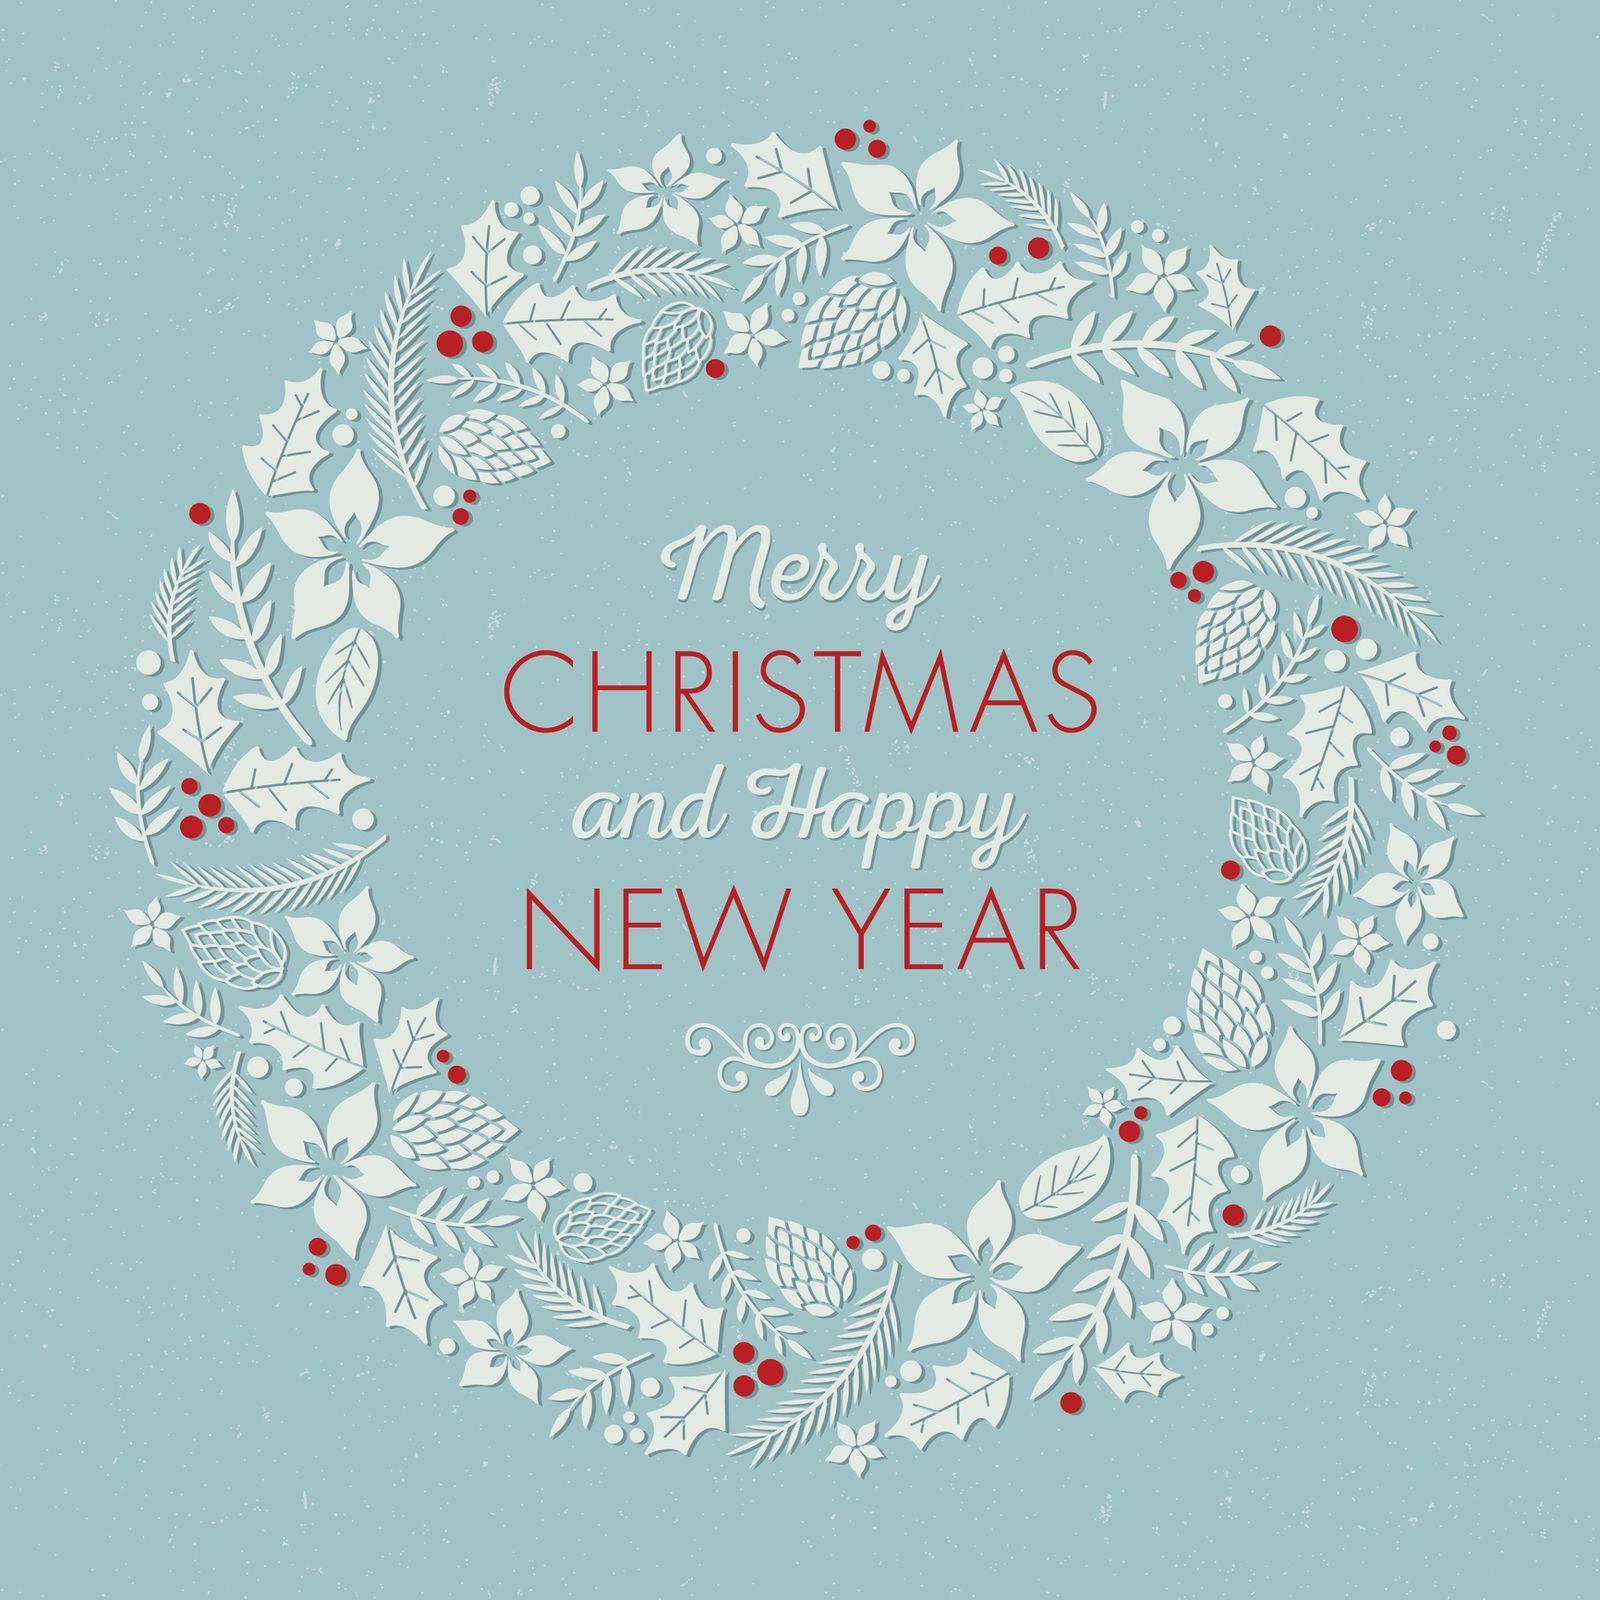 10 Frasi Di Natale.10 Frasi Di Natale Divertenti Per Auguri Simpatici Natale Divertente Biglietti Di Natale Vintage Biglietto Natalizio